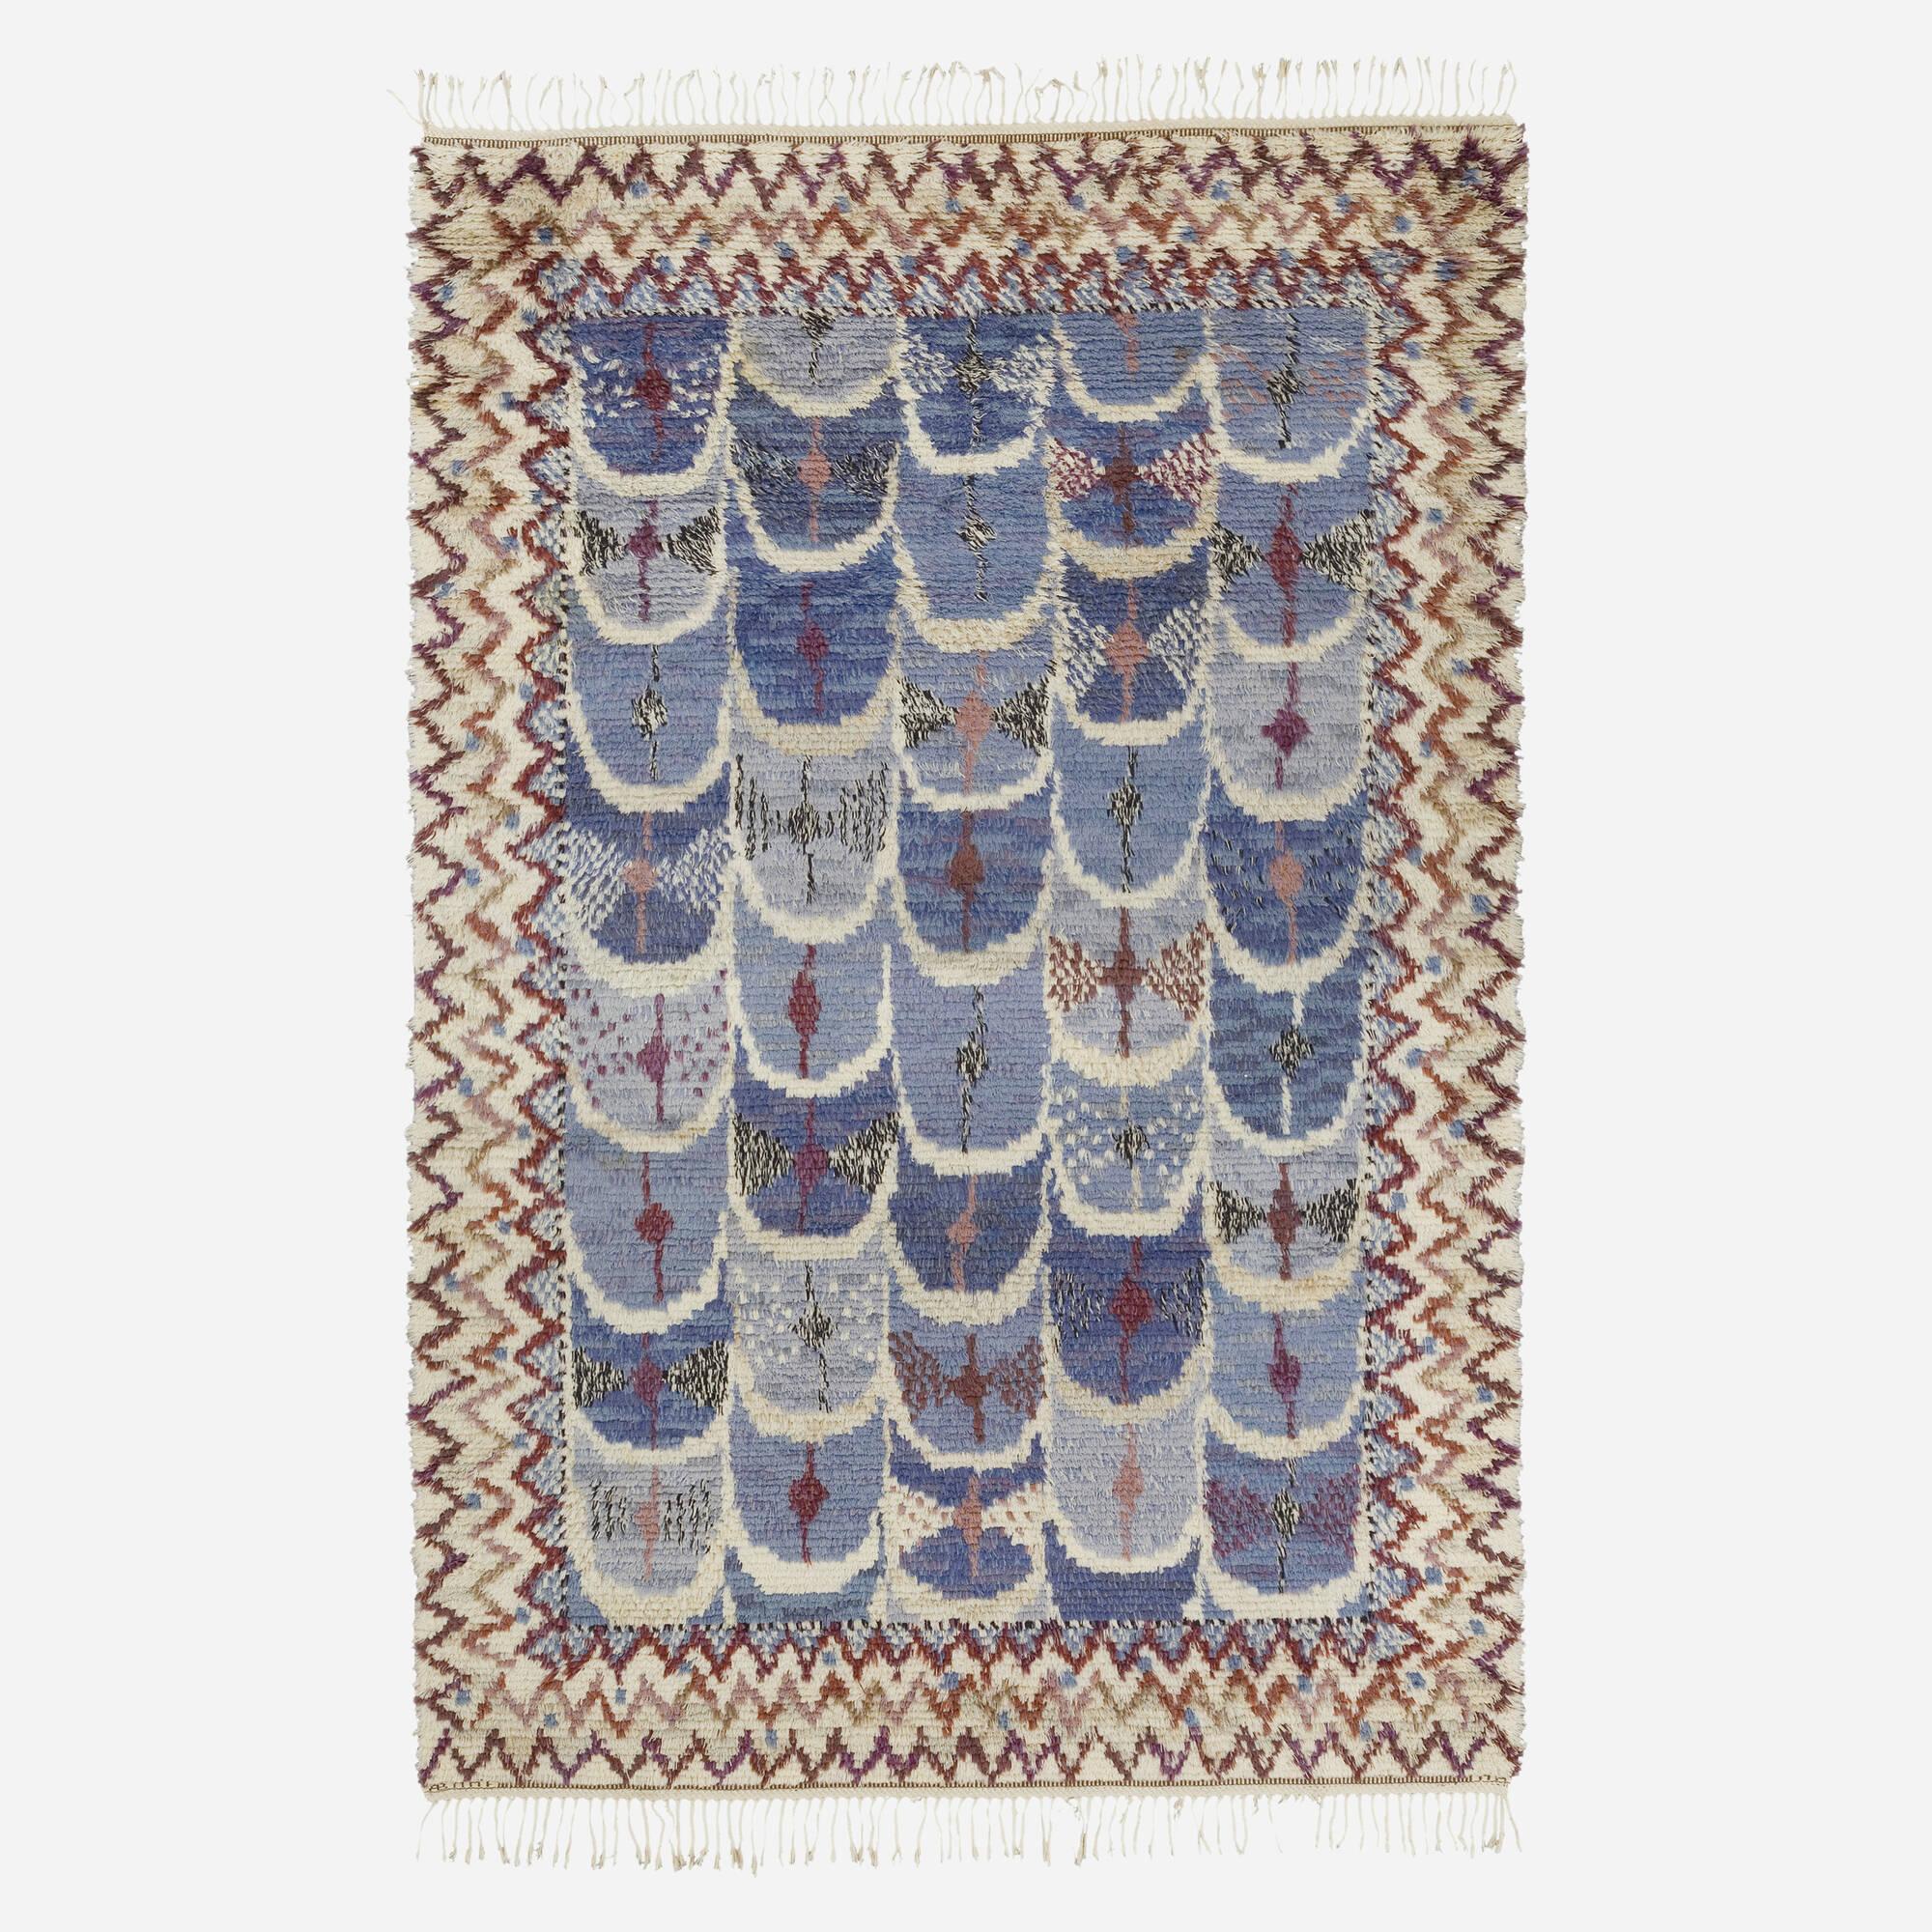 180: Marianne Richter / Fjädern rya carpet (1 of 1)